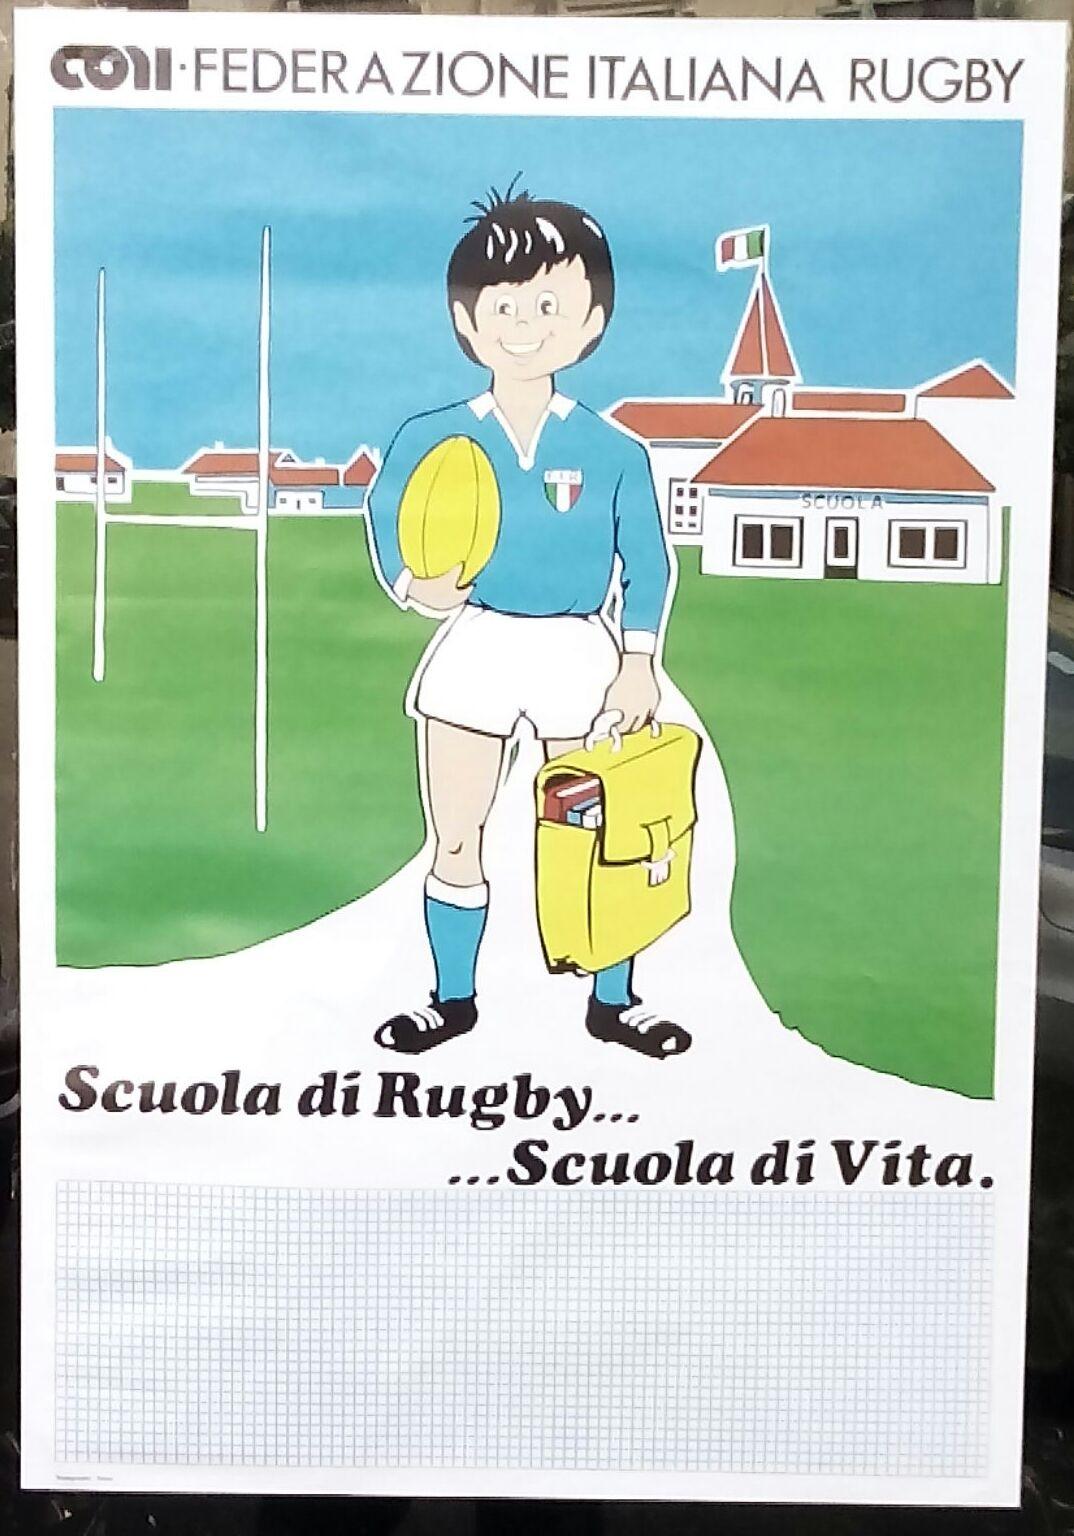 Rugby Clanis, via alla stagione maschile: ecco le novità